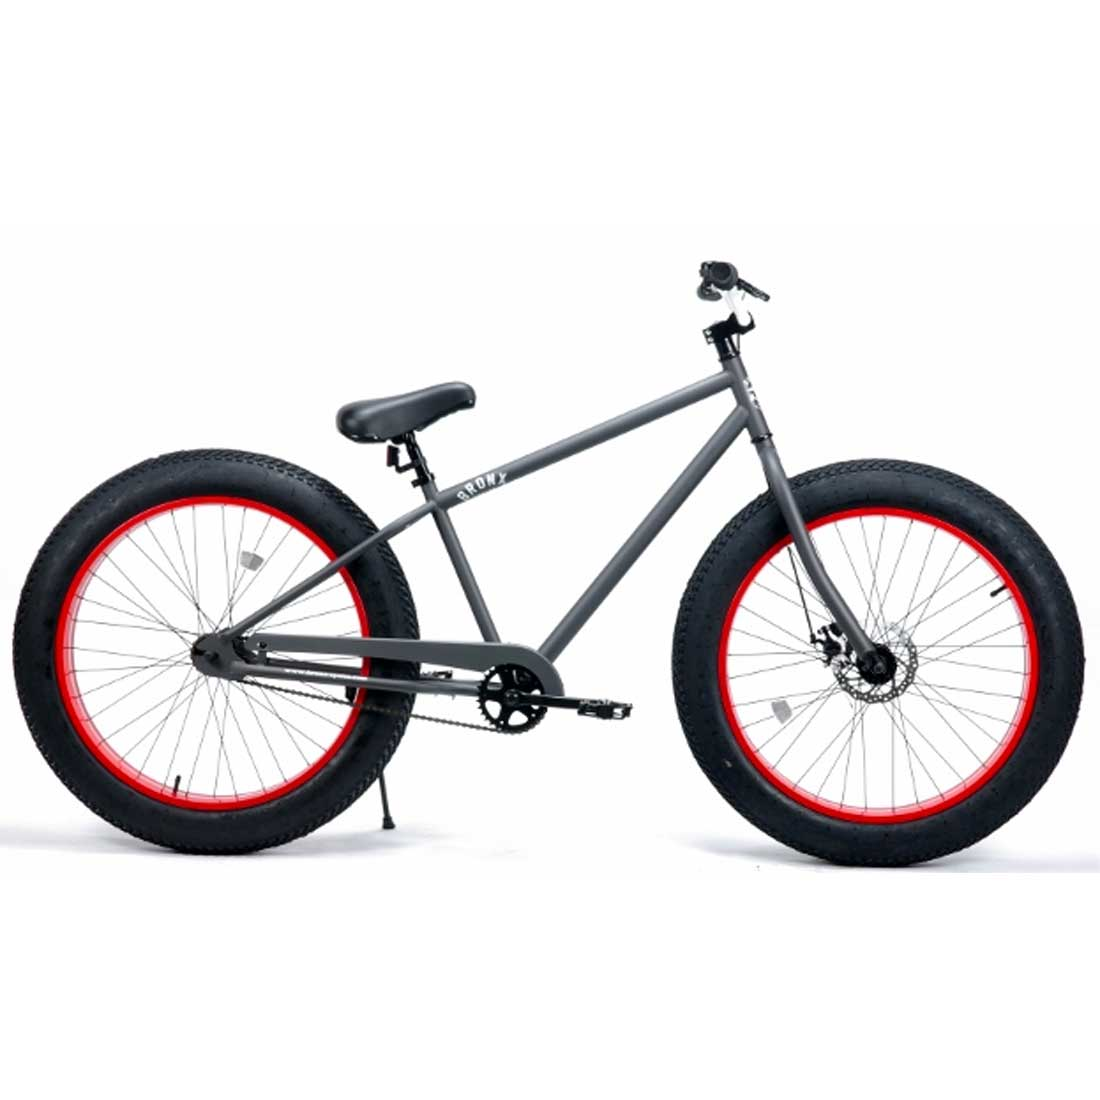 ファットバイク 26インチ 極太タイヤ おしゃれ 自転車 通勤 通学 ブロンクスファットバイク 26BRONX-4.0 マットグレー×レッドリム メンズ レディース